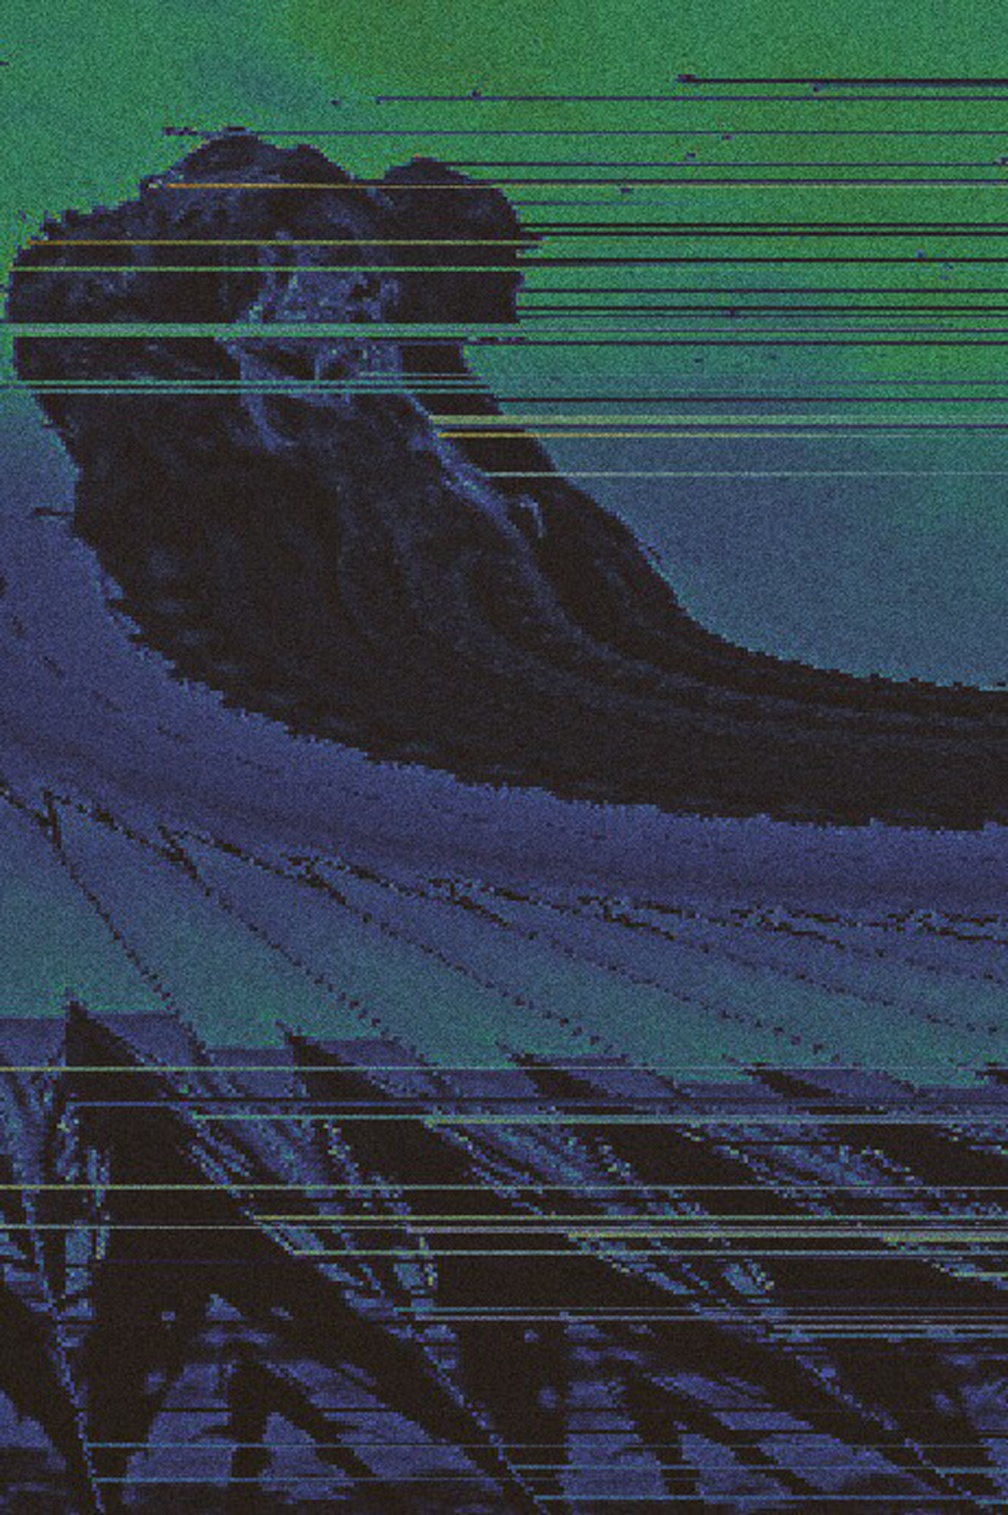 IMG_0721-lrg